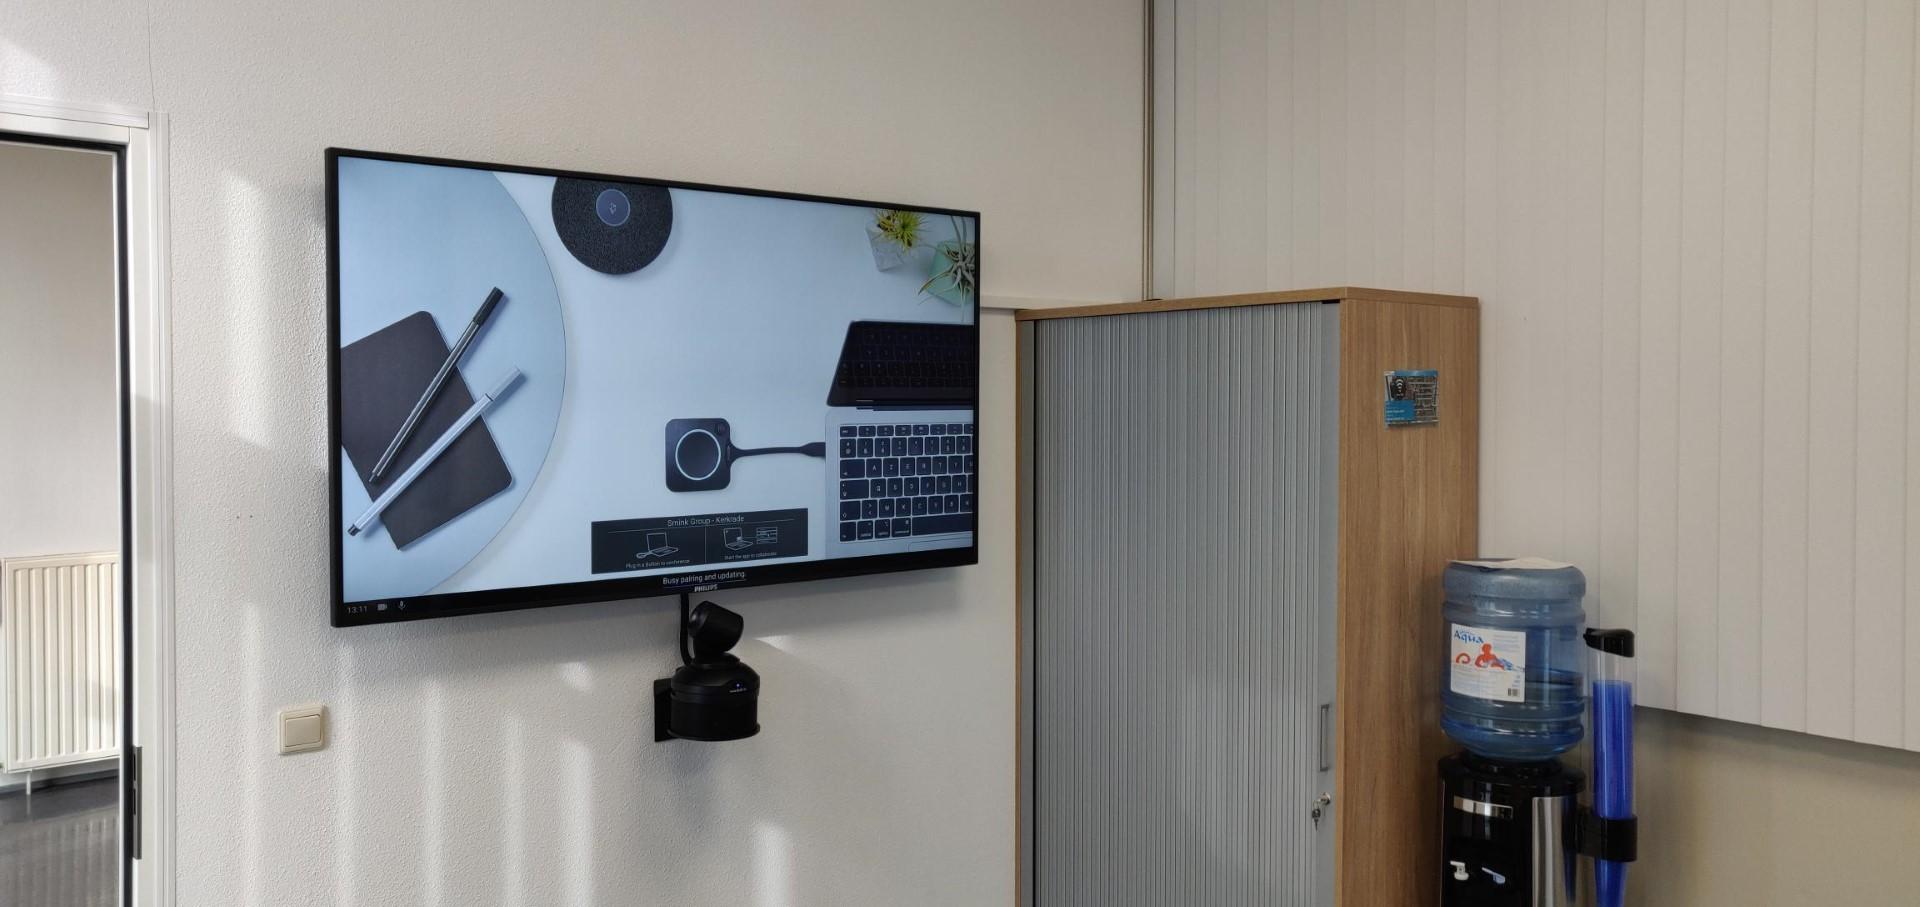 BYOD room bekabeld